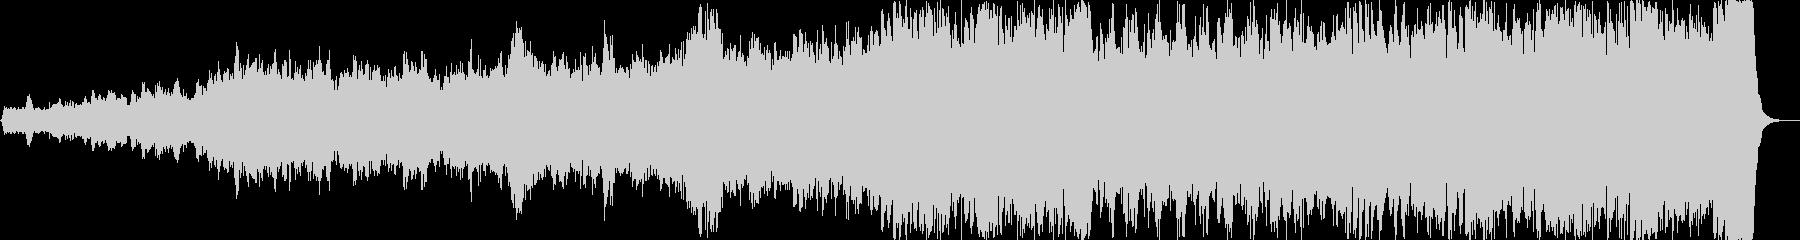 巨大プロジェクト始動!壮大な交響的序曲の未再生の波形